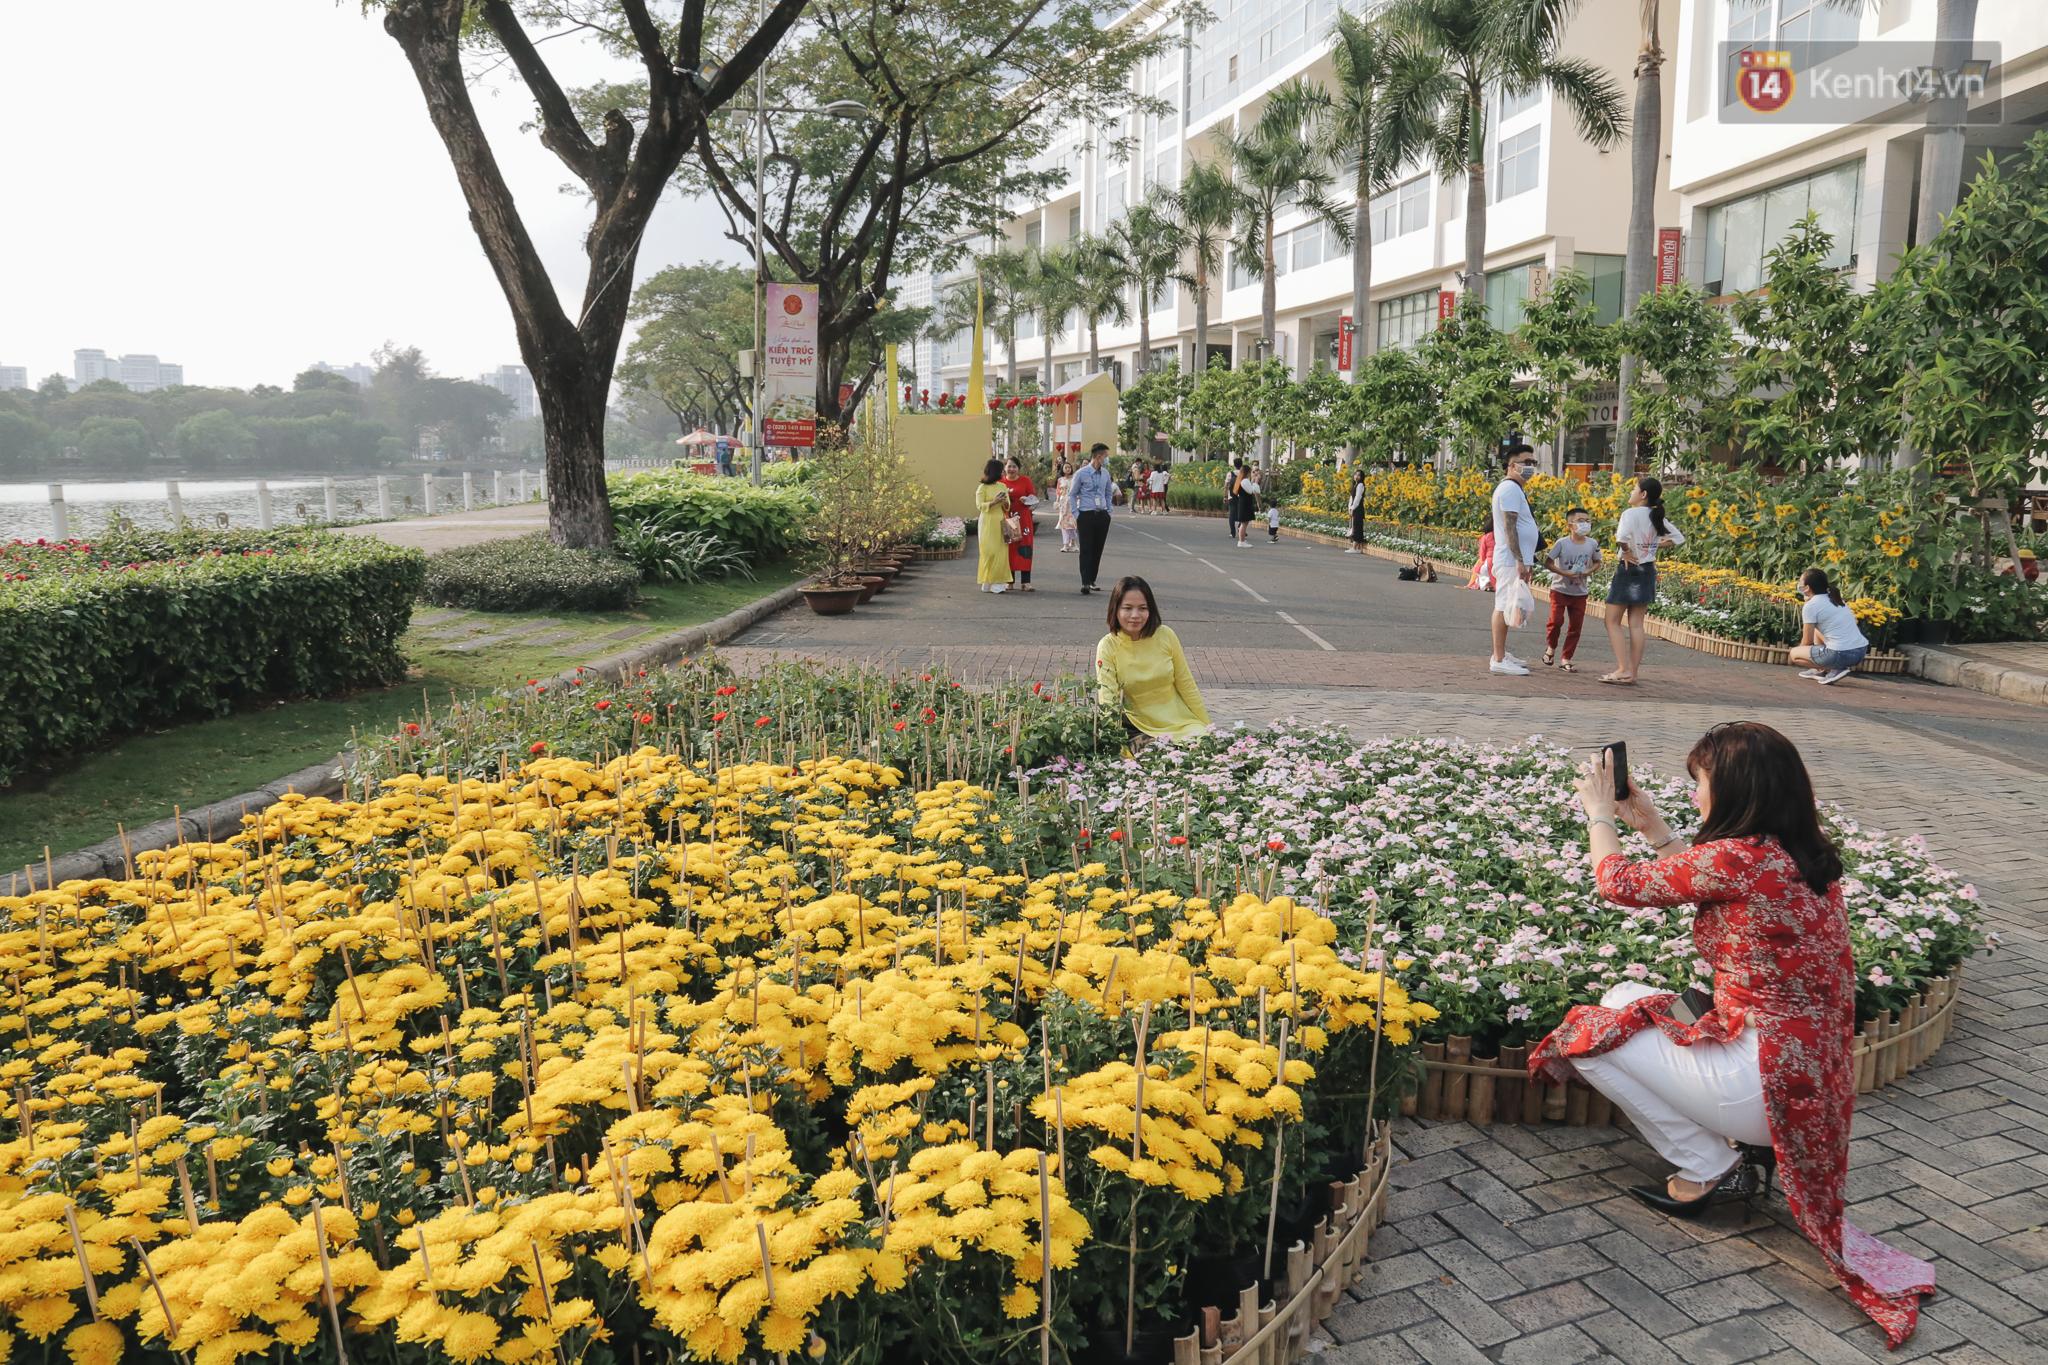 Cận cảnh đường hoa Tết Tân Sửu 2021 phong cách tối giản tại phố nhà giàu Sài Gòn - Ảnh 12.